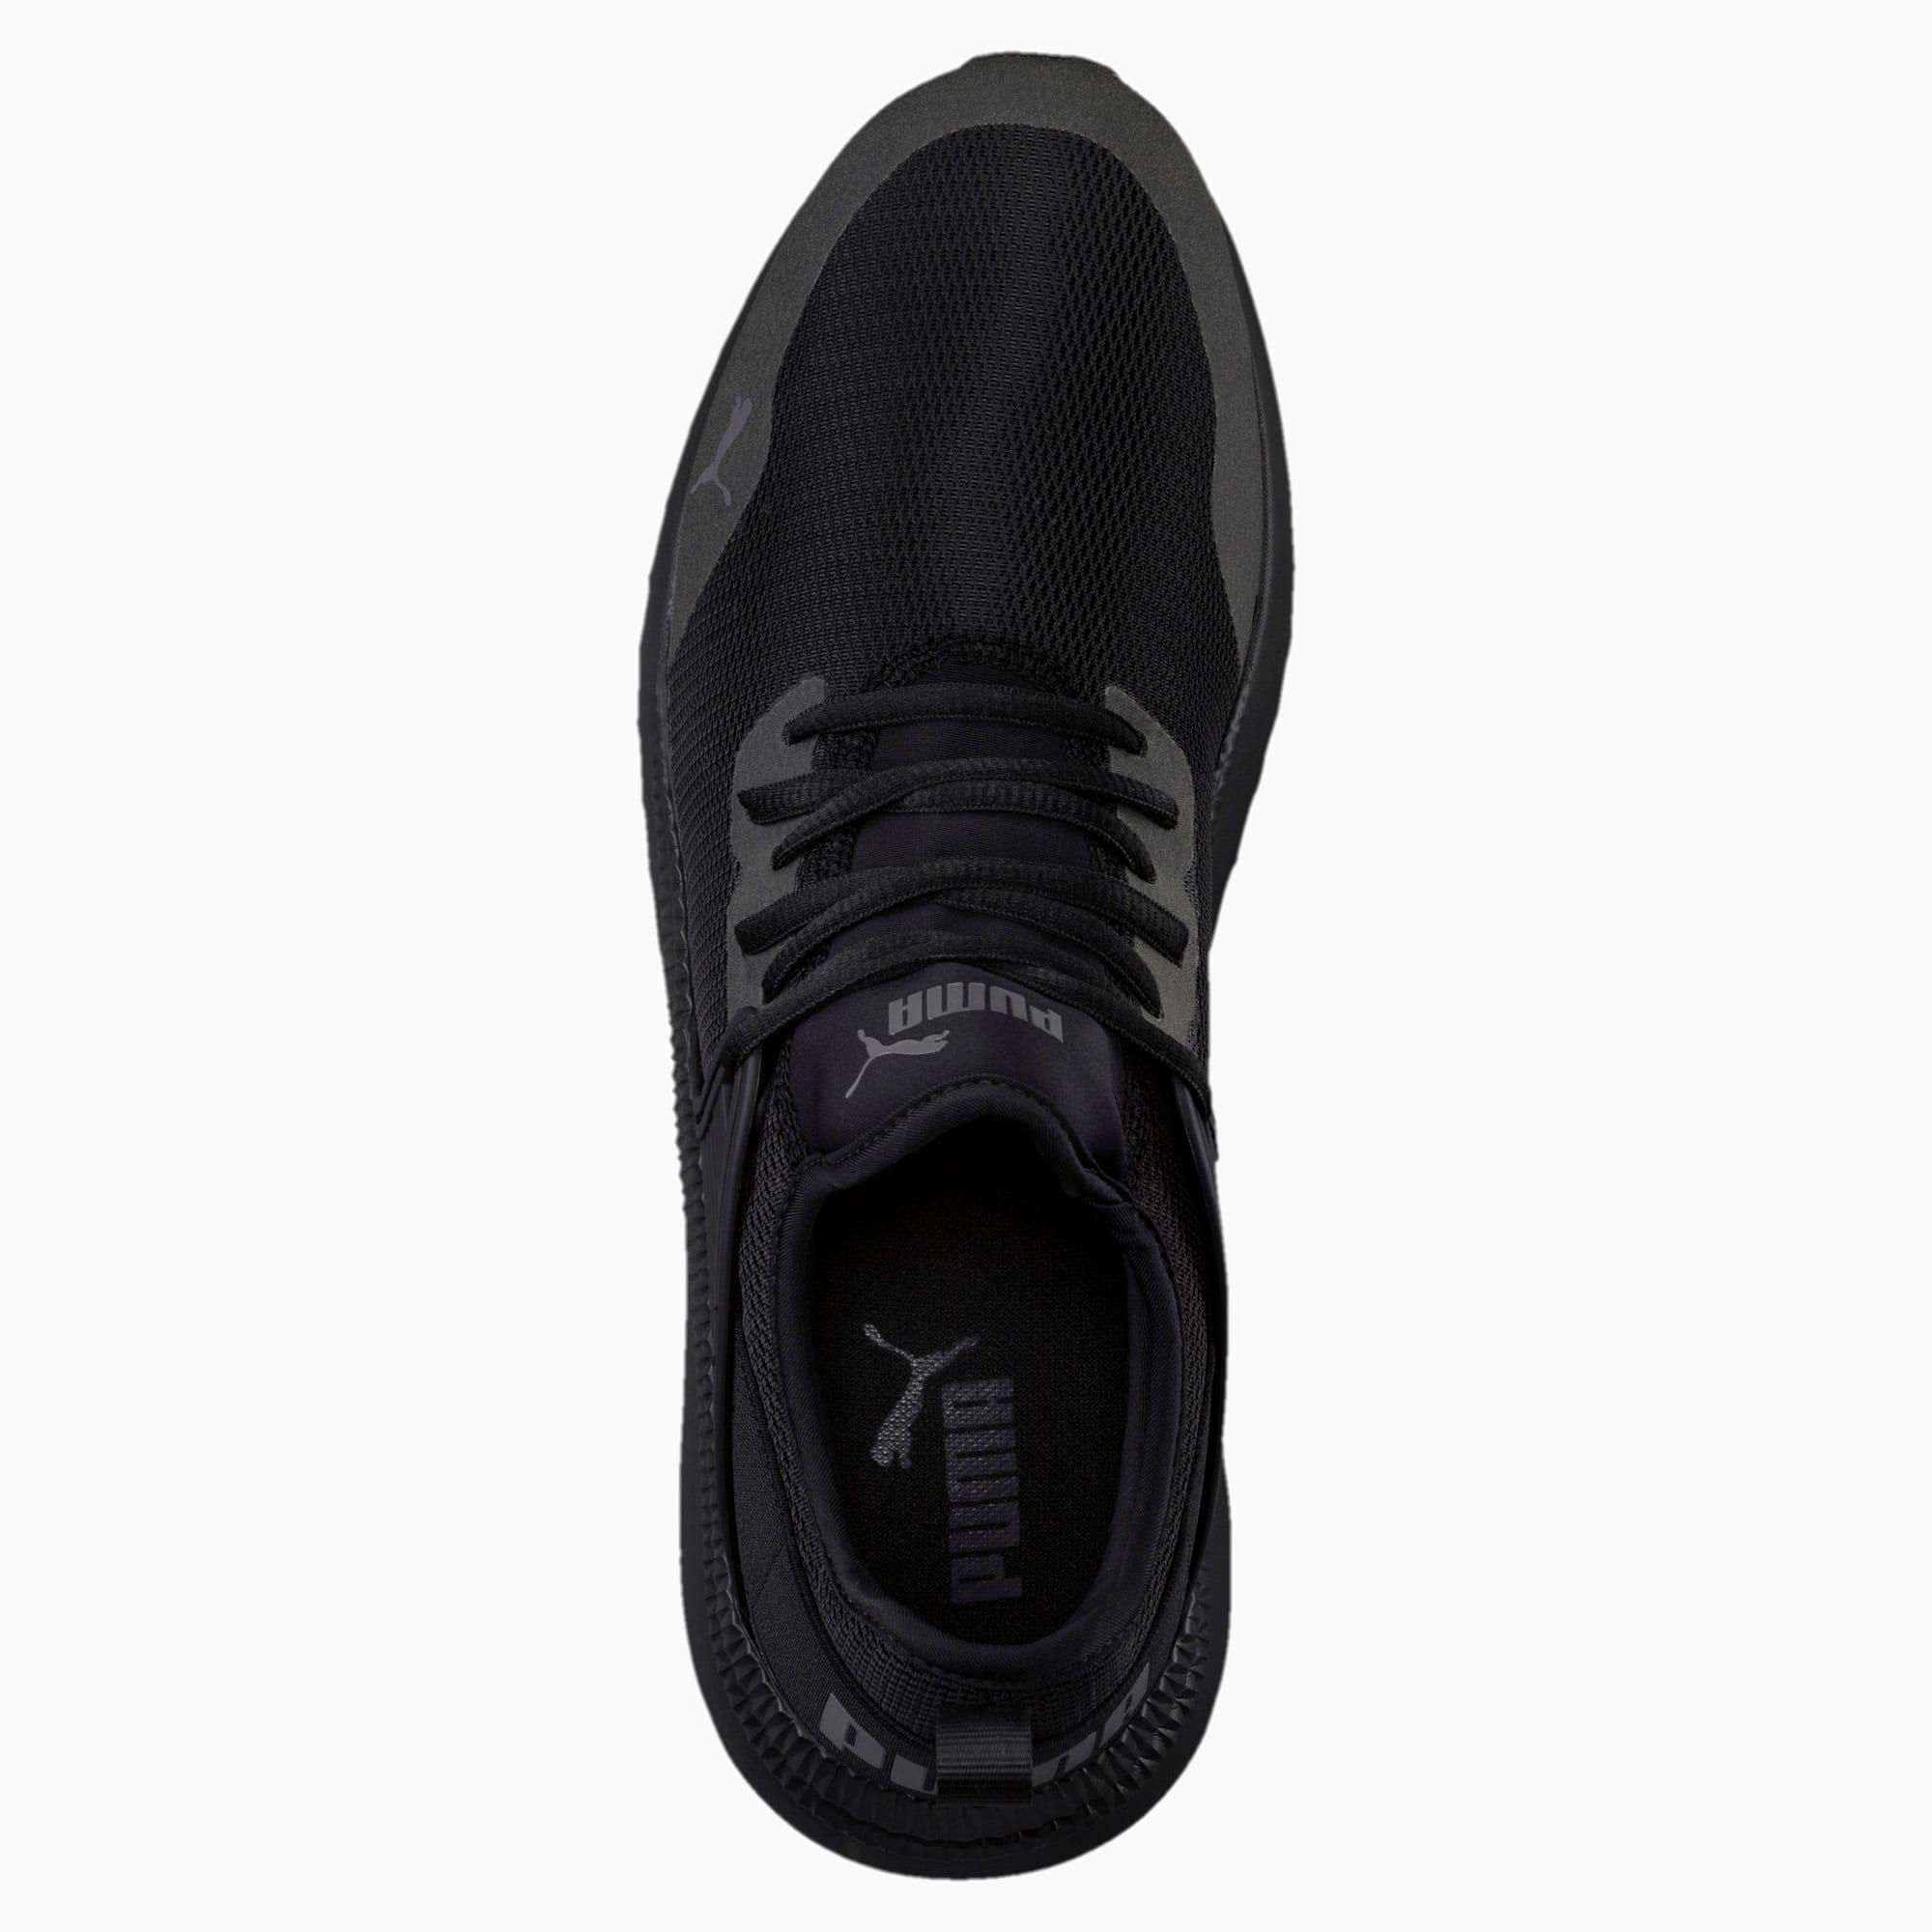 Details zu Puma Pacer Next Cage Herren Sneaker Schuhe 365284 01 Black